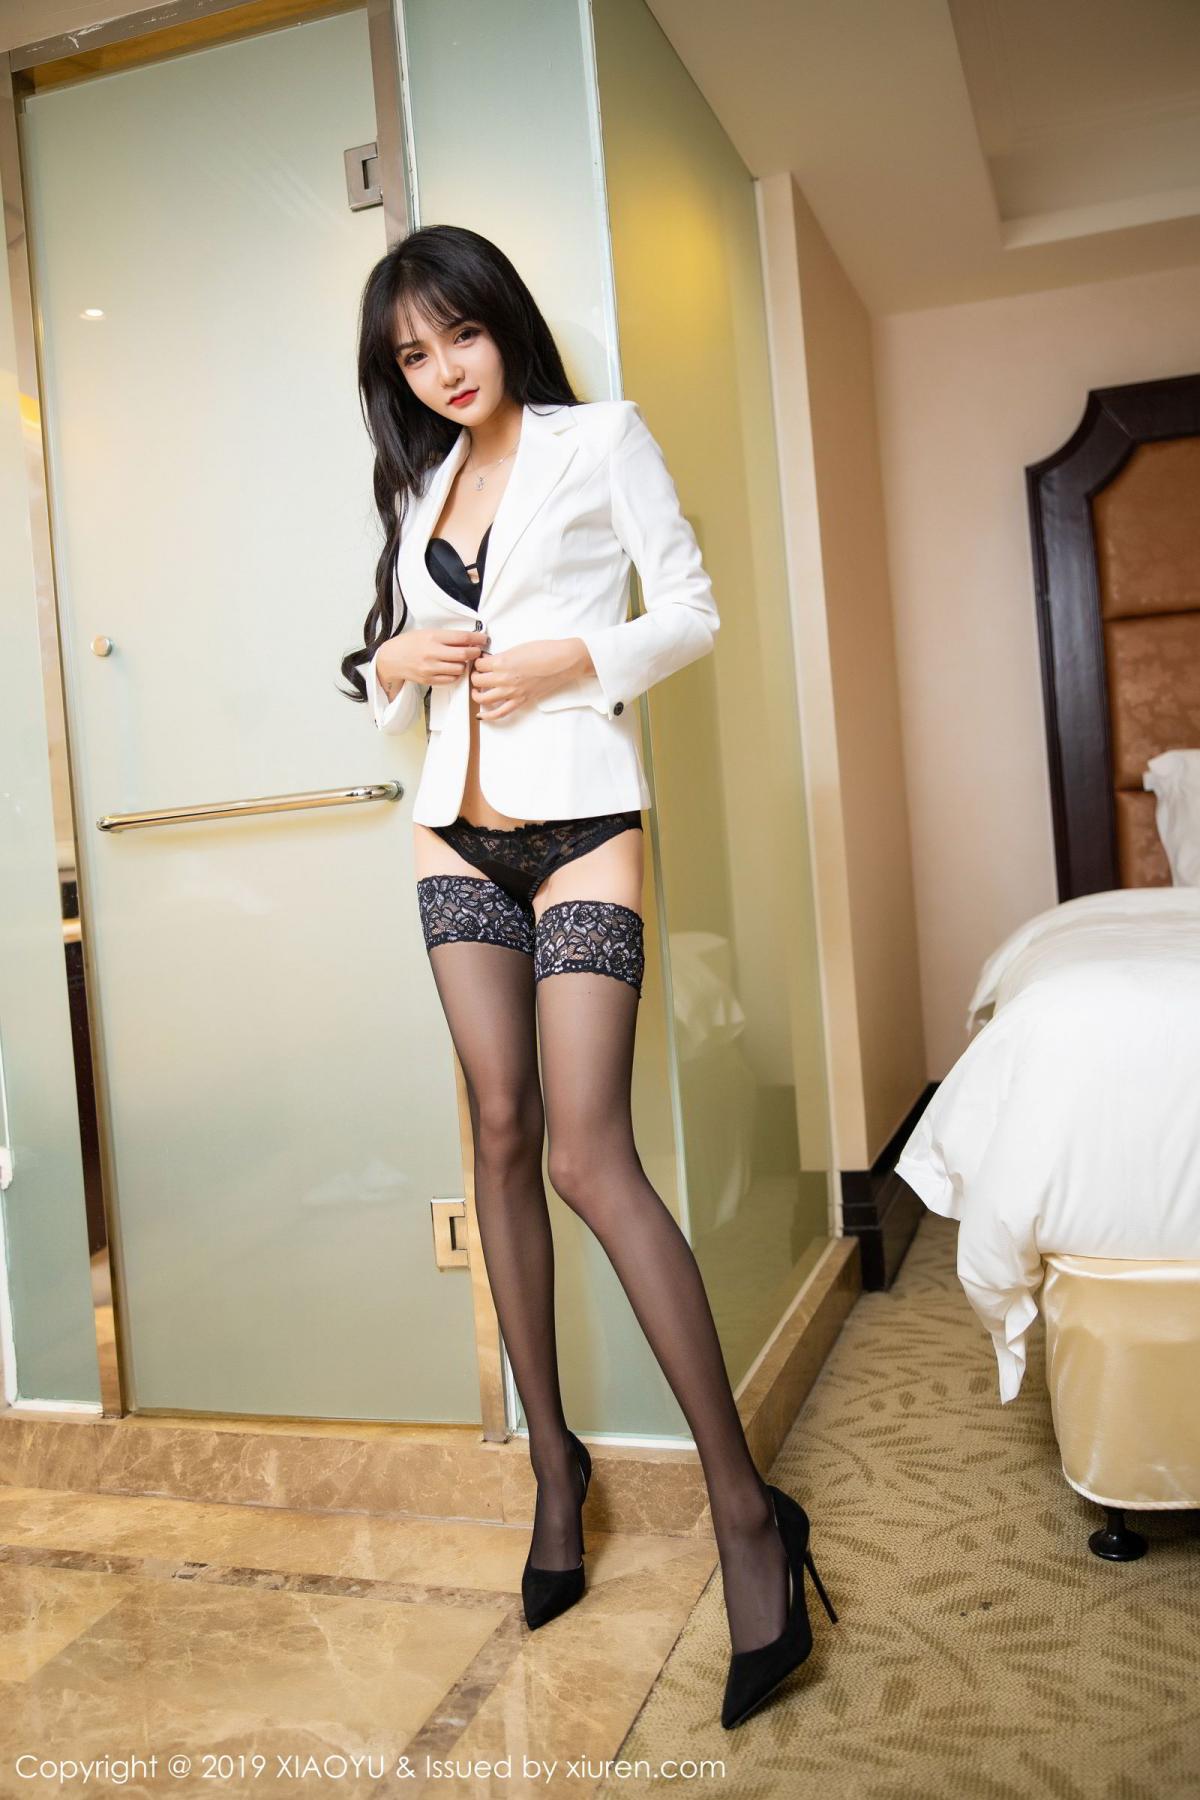 [XiaoYu] Vol.200 Miko Jiang 17P, Miko Jiang, Slim, Tall, Underwear, XiaoYu